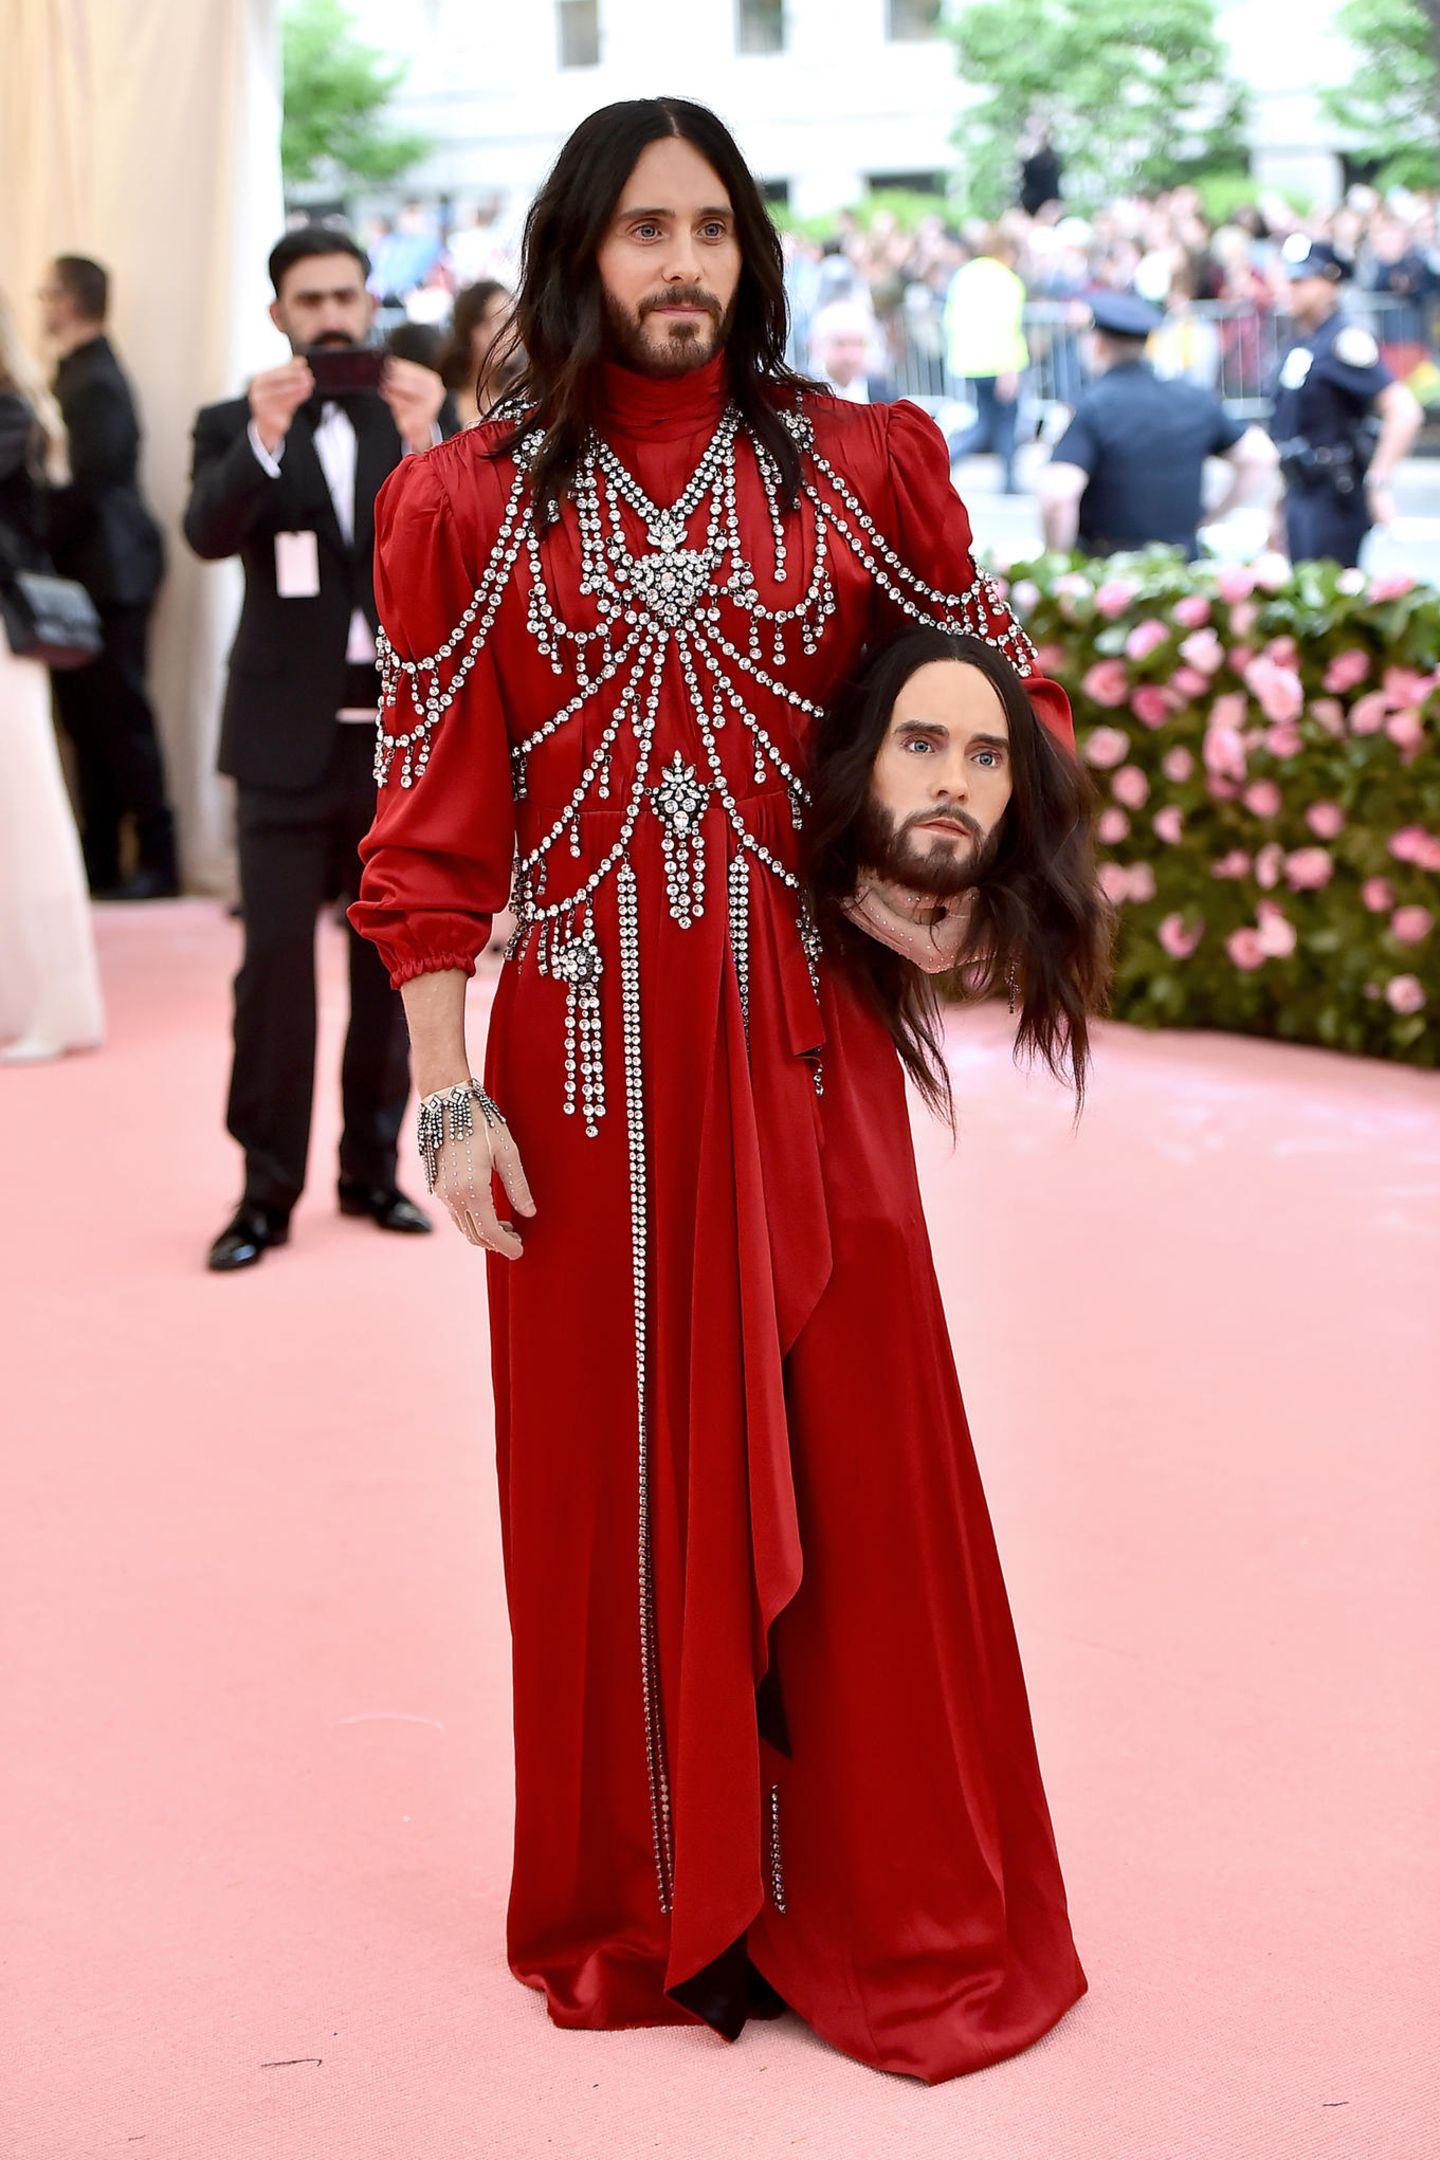 Makaber wird's bei Jared Leto, der im roten Dracula-Style von Gucci seinen eigenen Kopf mit umher trägt.